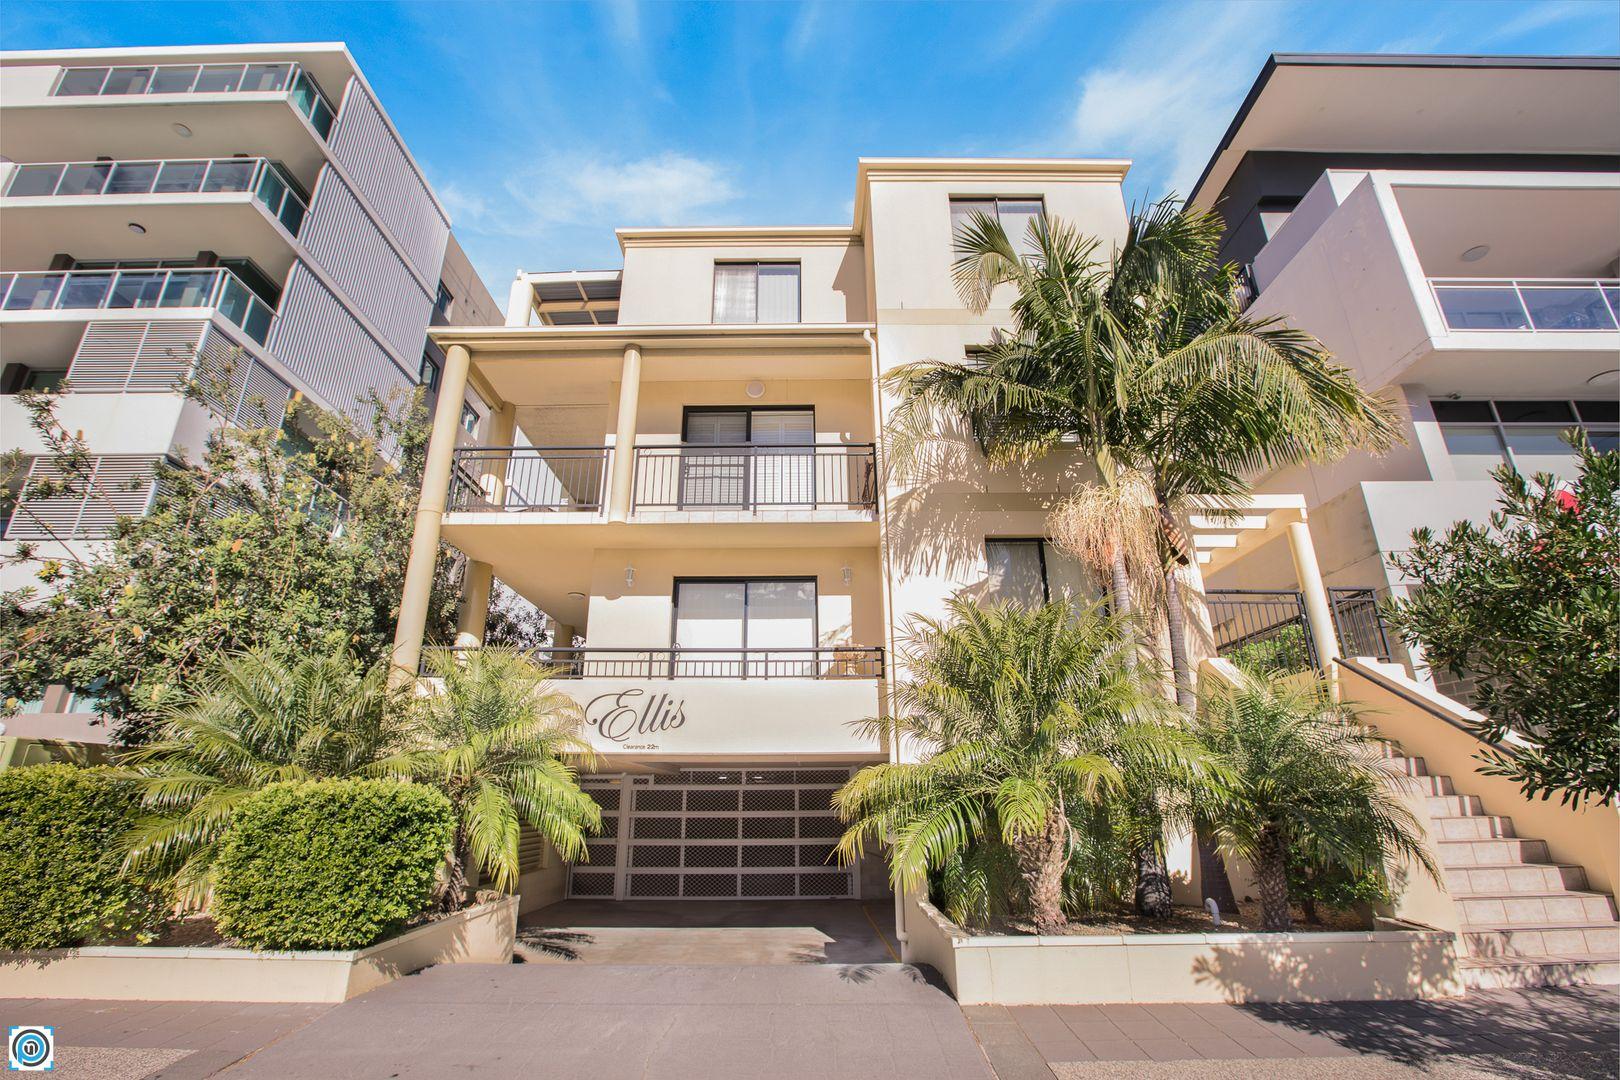 7/9 Stewart Street, Wollongong NSW 2500, Image 0